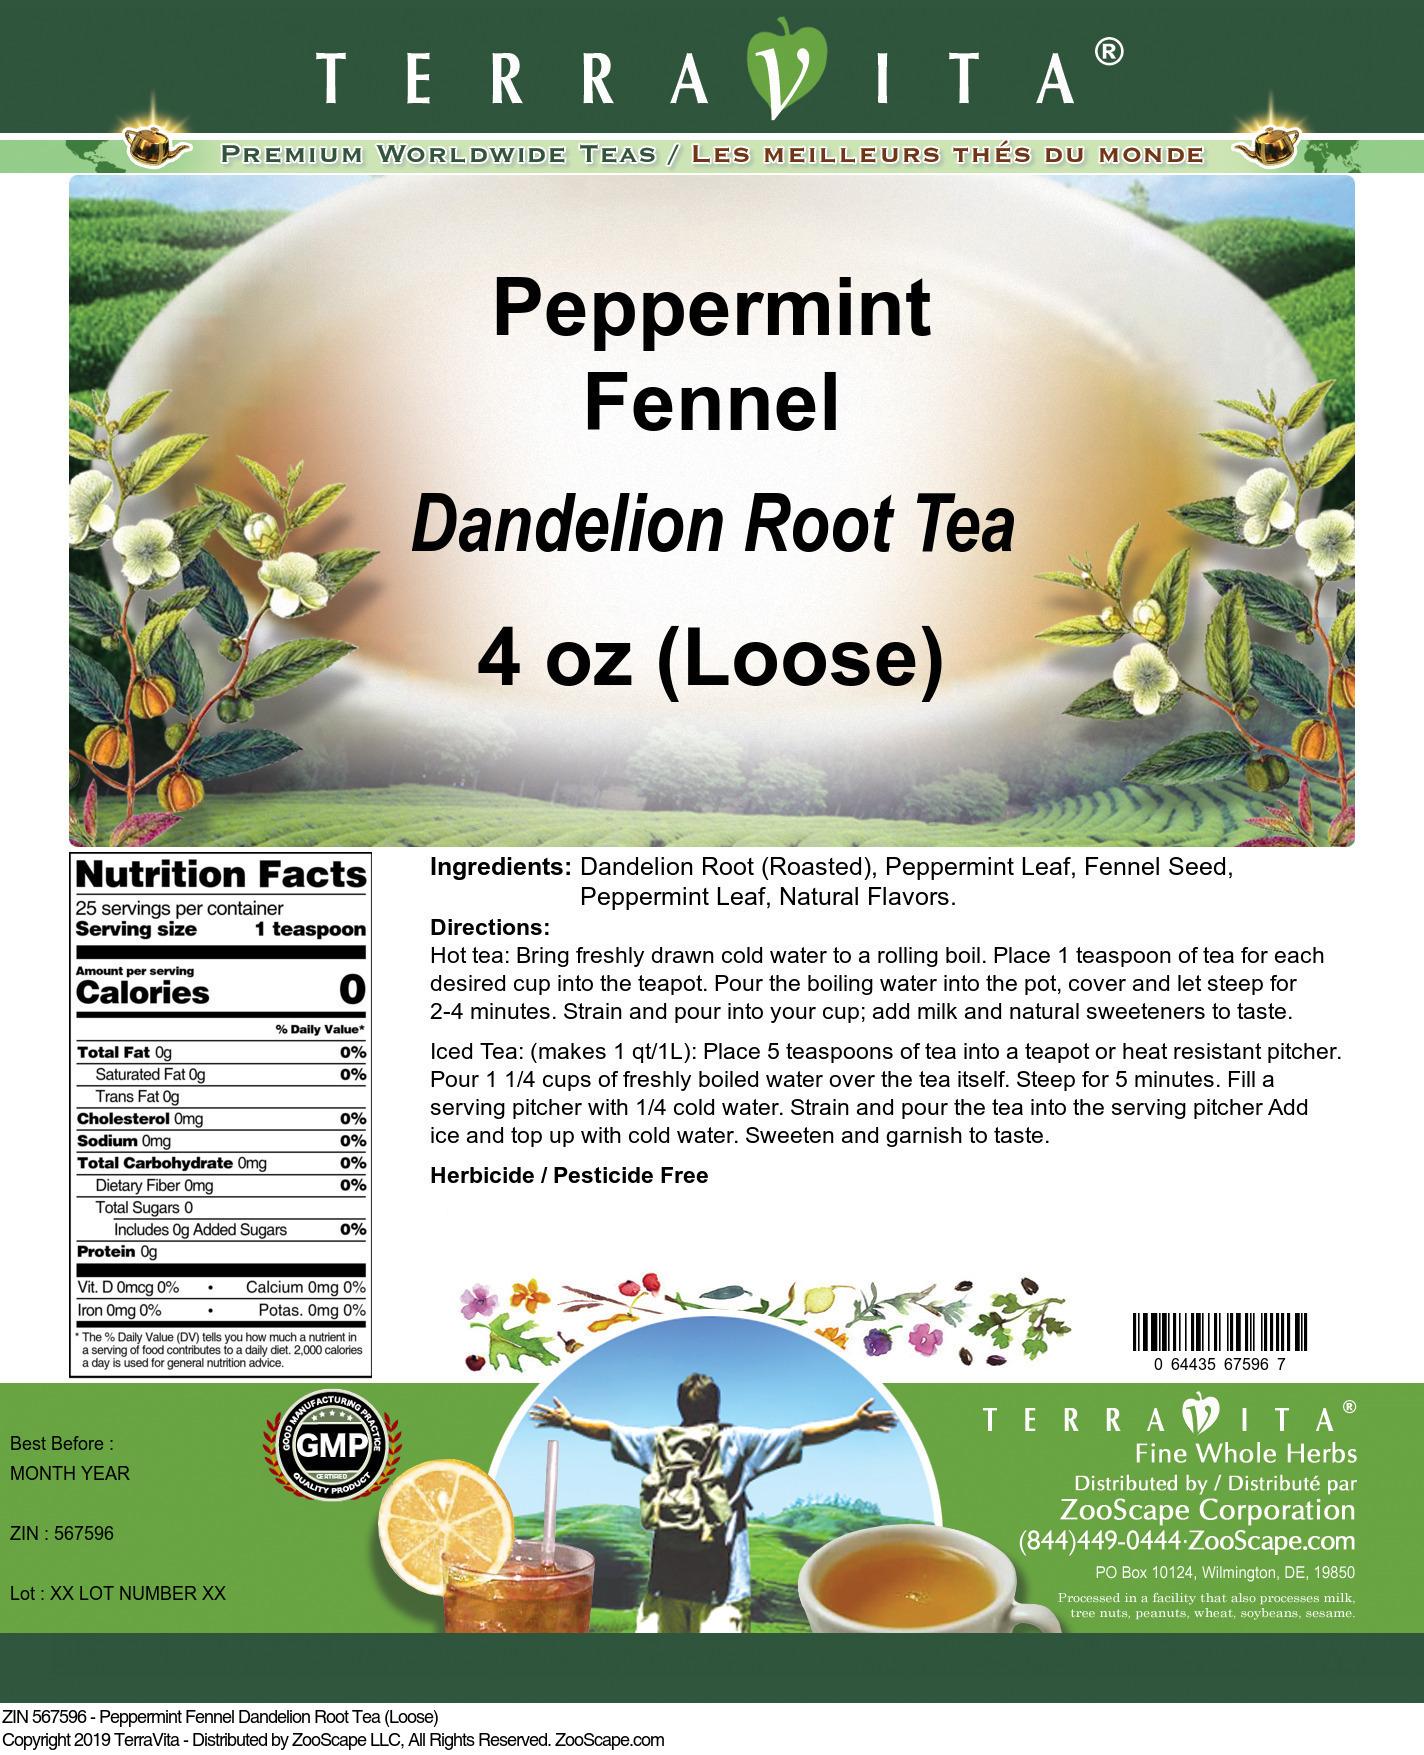 Peppermint Fennel Dandelion Root Tea (Loose)